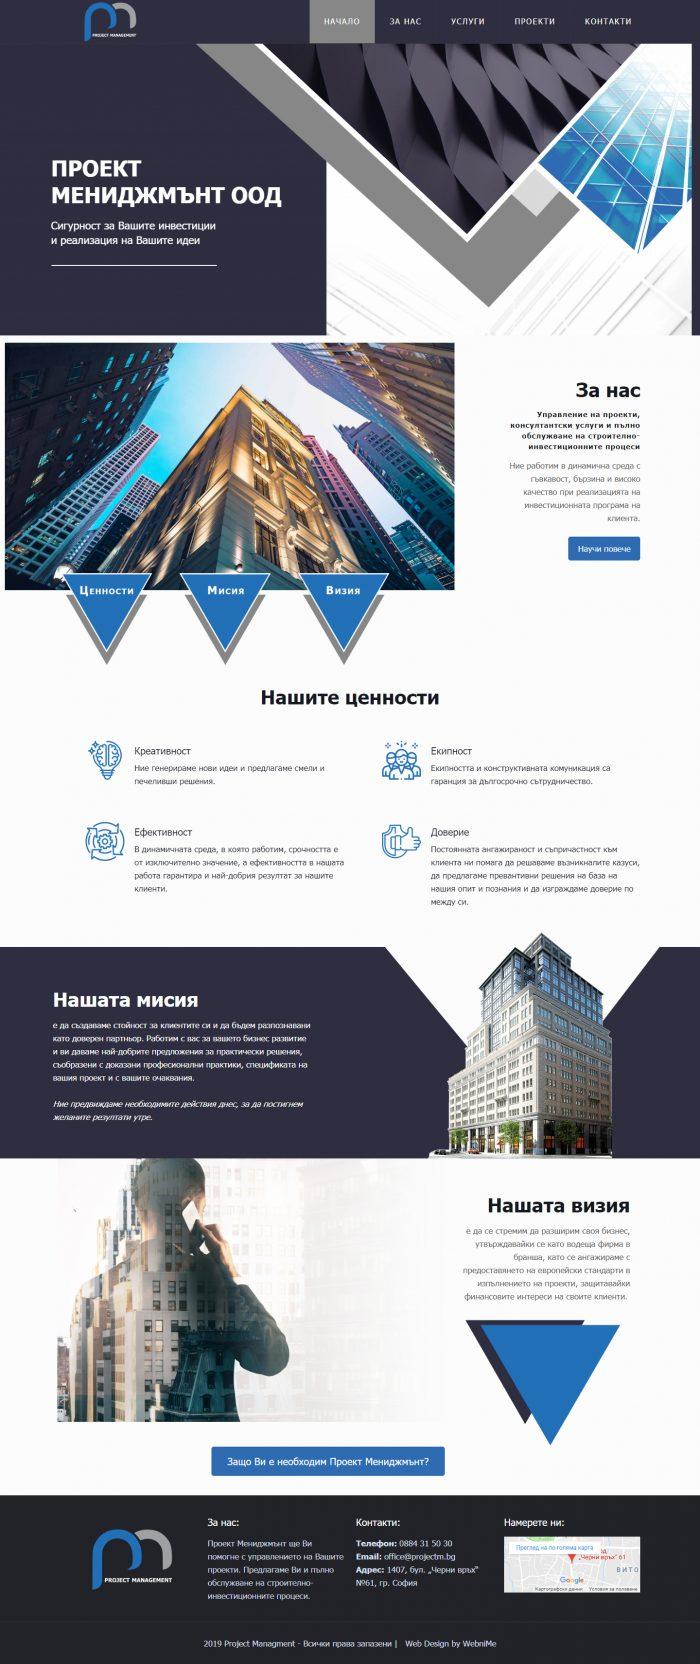 Изработка на сайт - Project Management, https://webnime.com